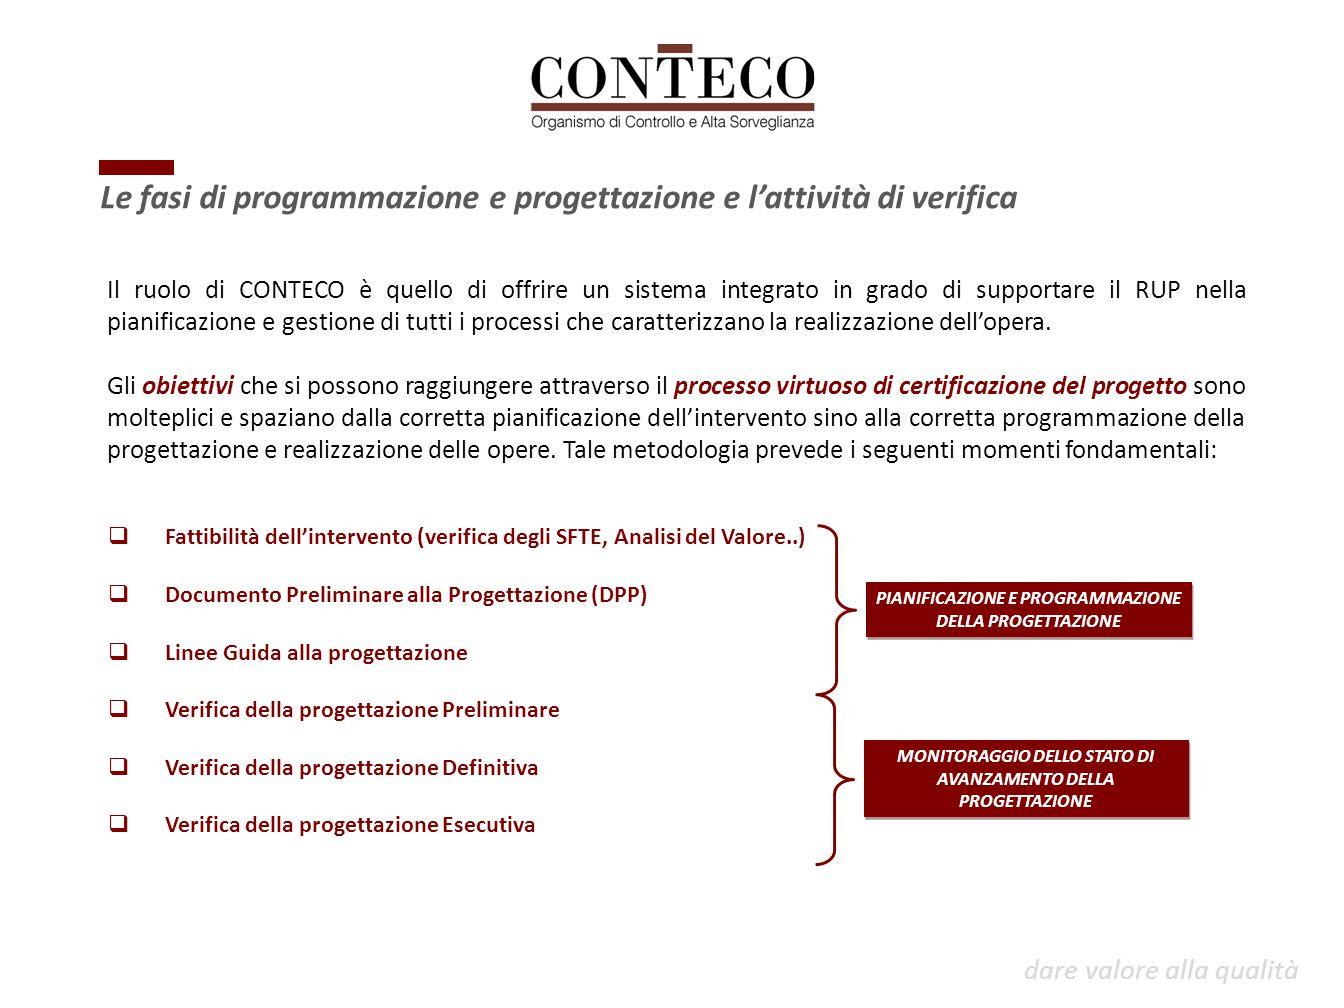 Le fasi di programmazione e progettazione e l'attività di verifica